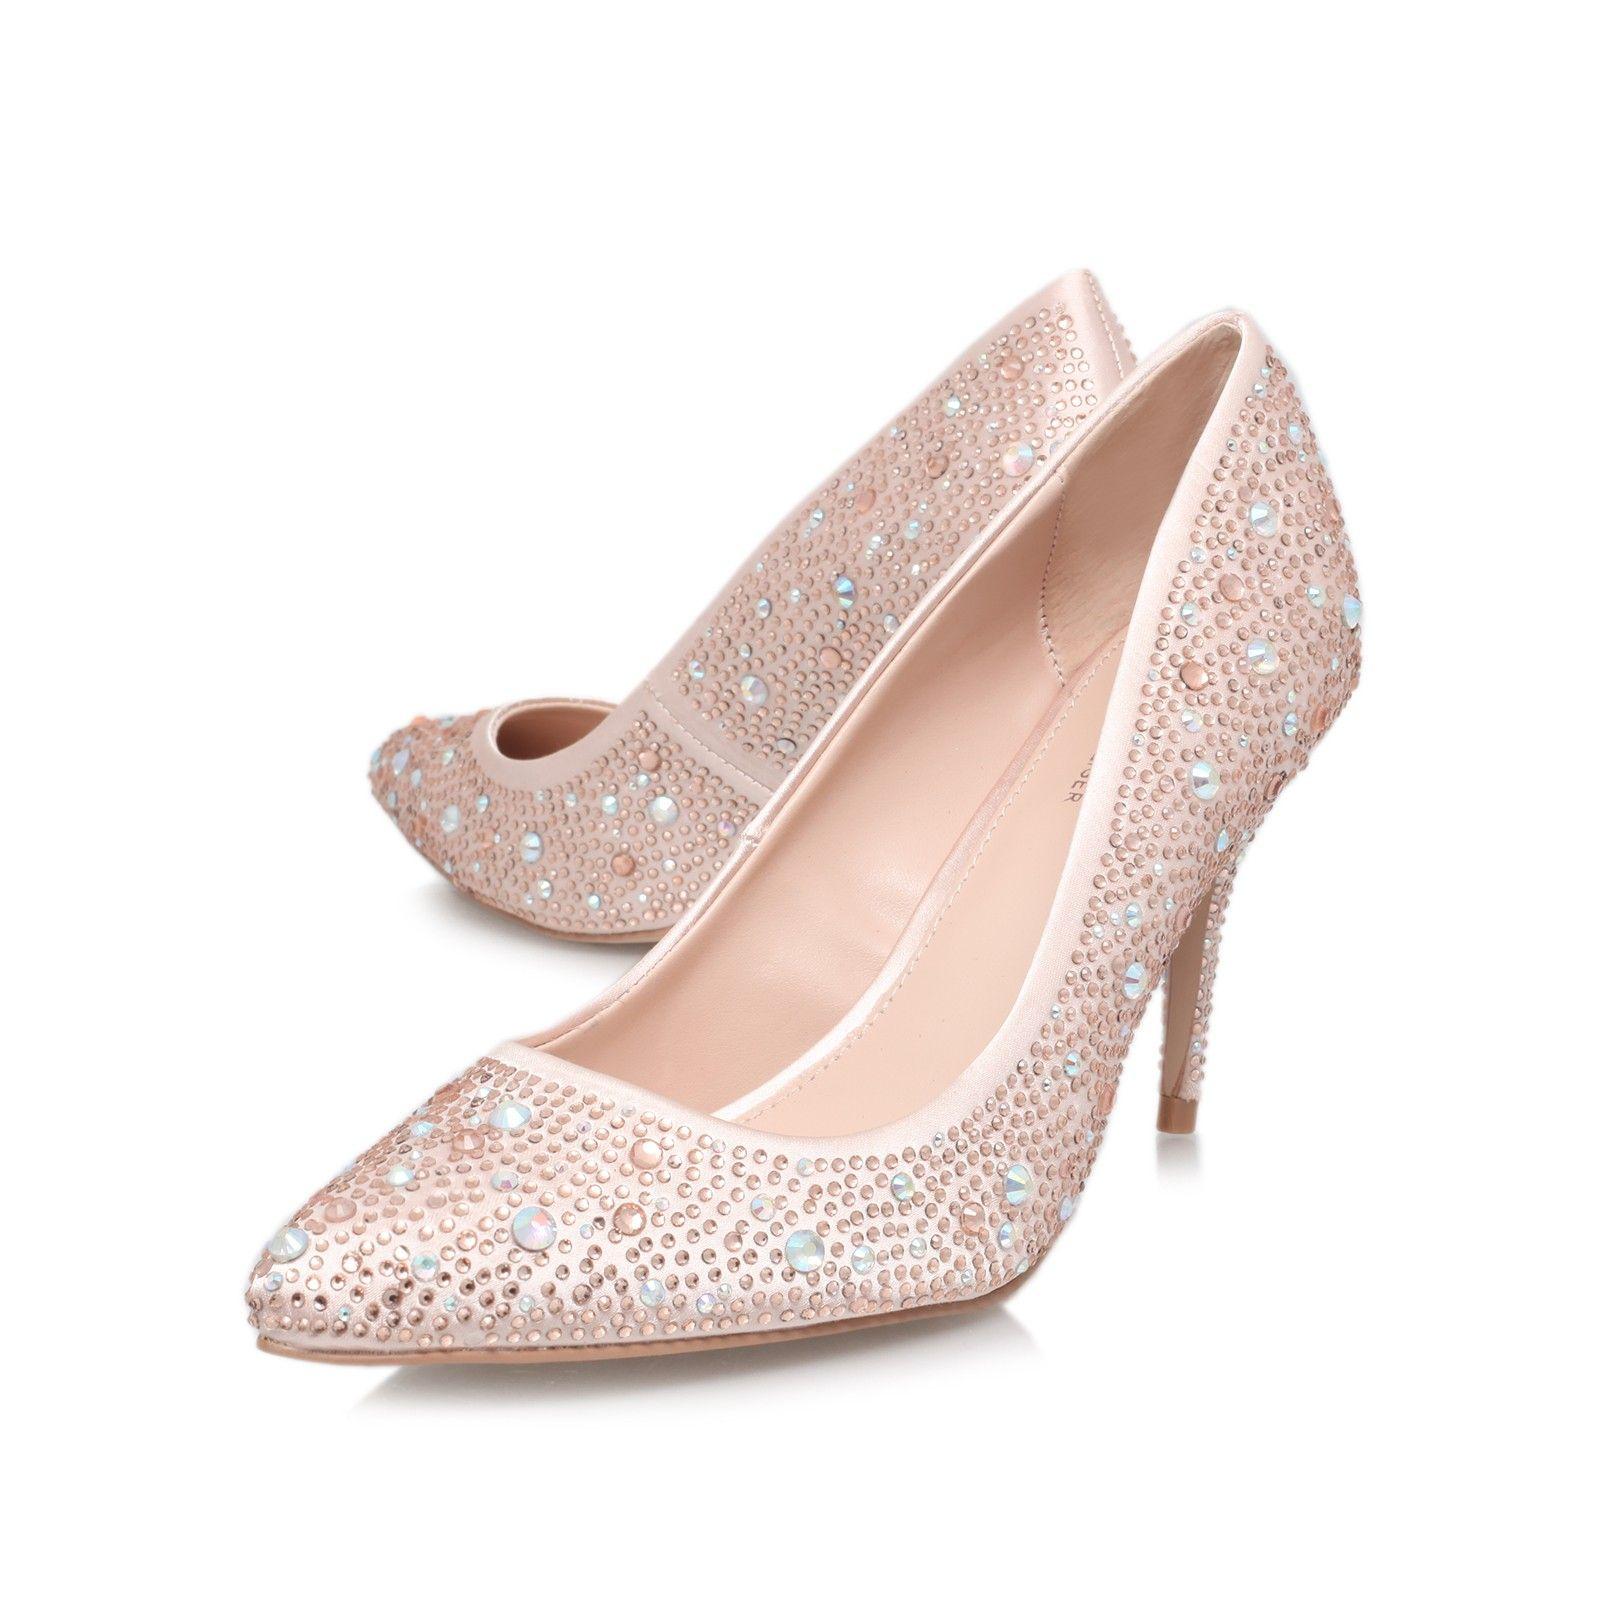 Gloria Pink Shoe By Carvela Kurt Geiger Women High Heels